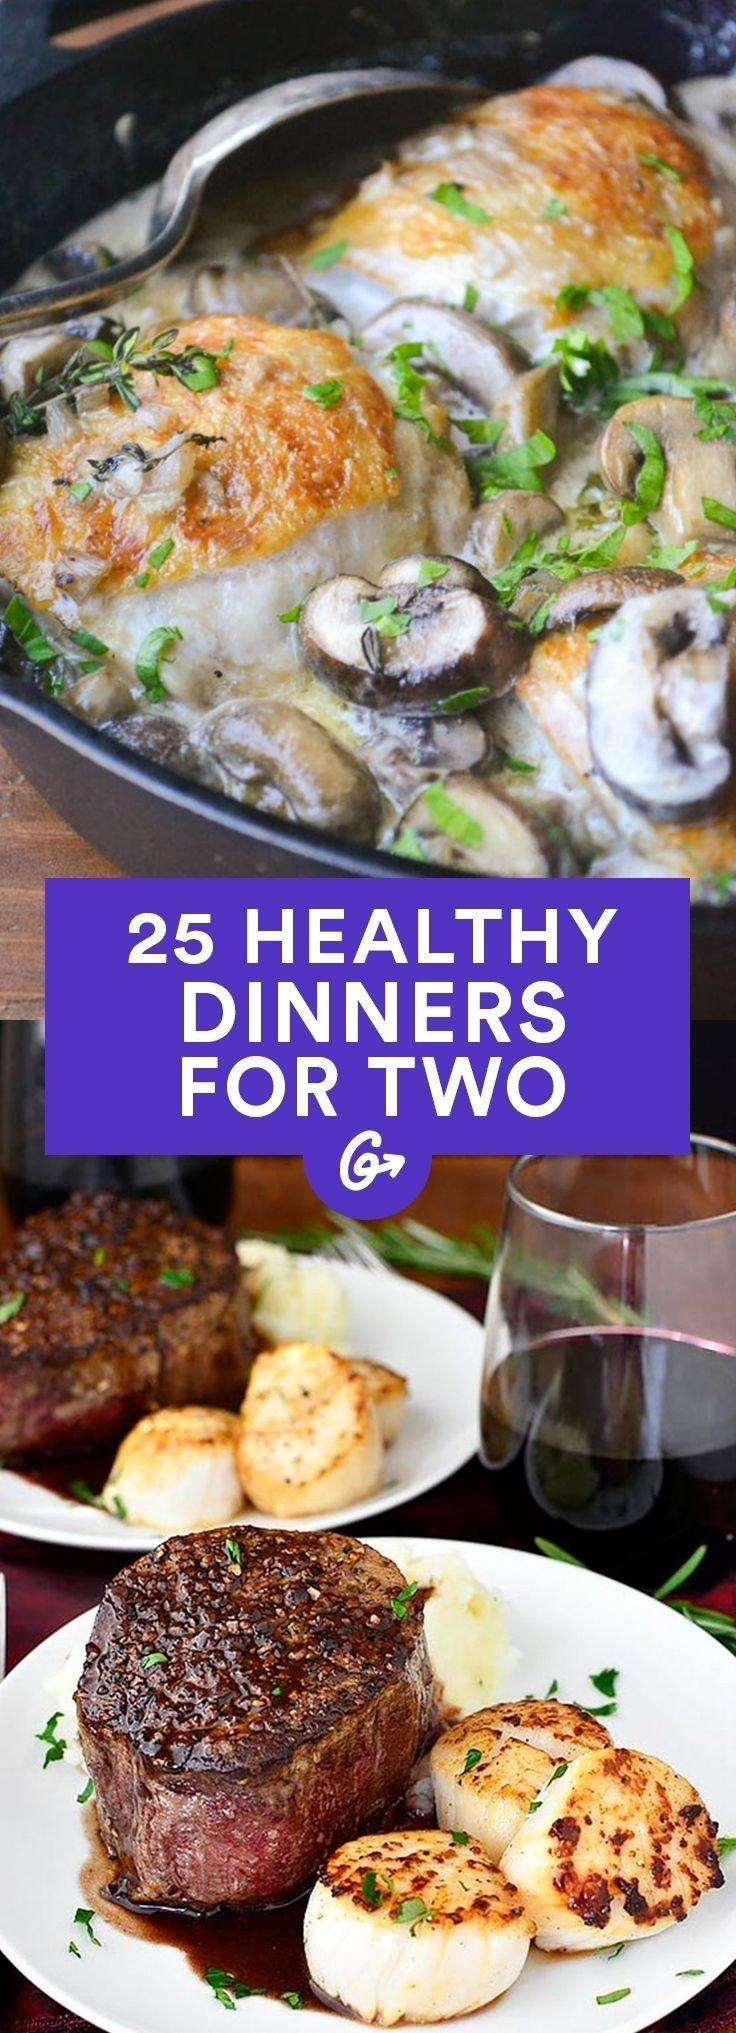 10 Cute Dinner Ideas For Two Cheap les 53 meilleures images du tableau for two sur pinterest recettes 2020